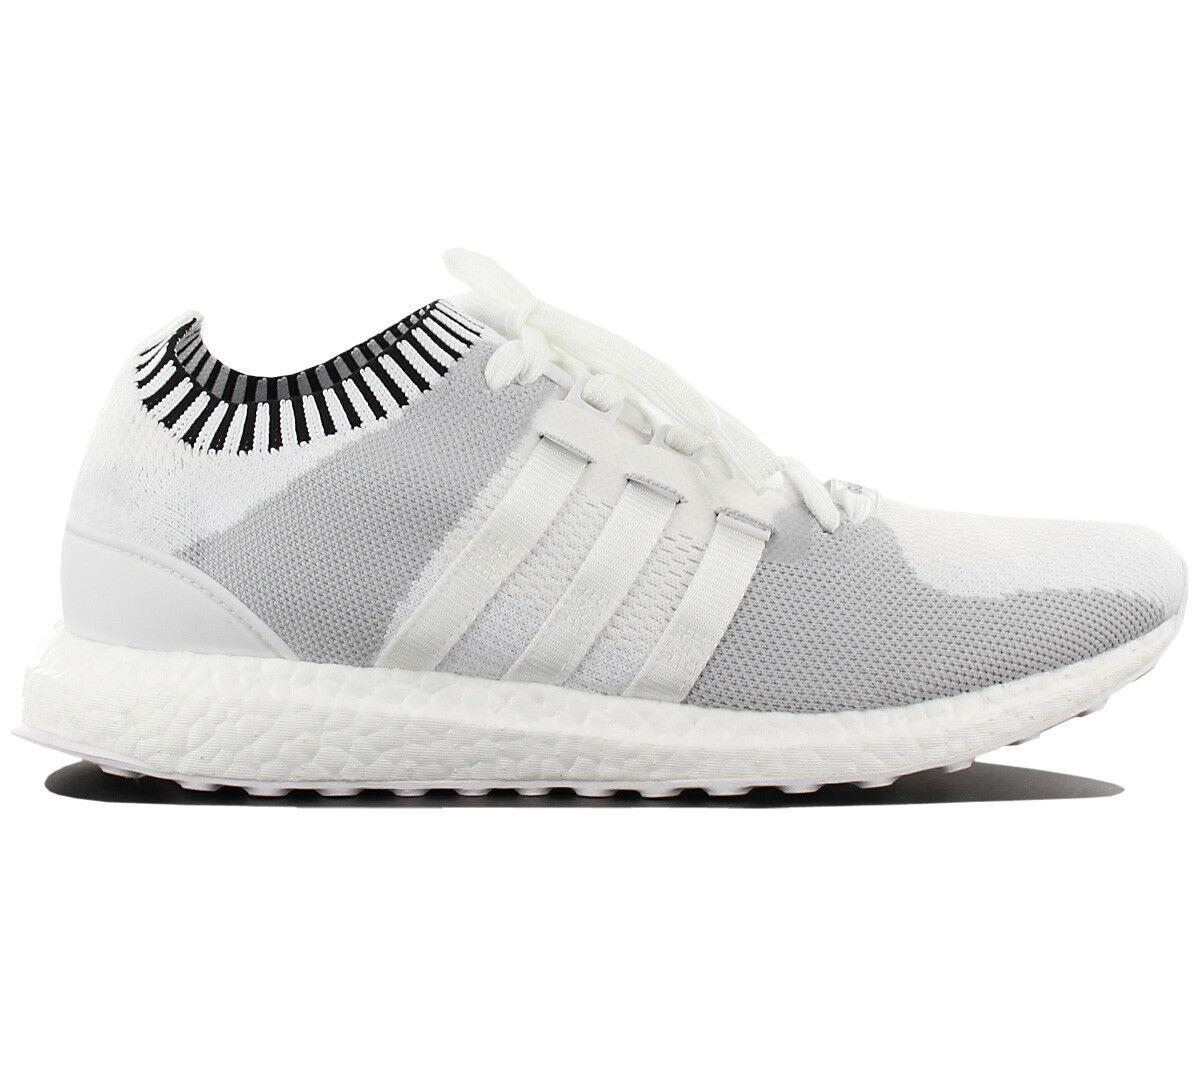 Adidas Eqt Equipment Support Ultra Pk Primeknit Boost Men's shoes BB1243 New